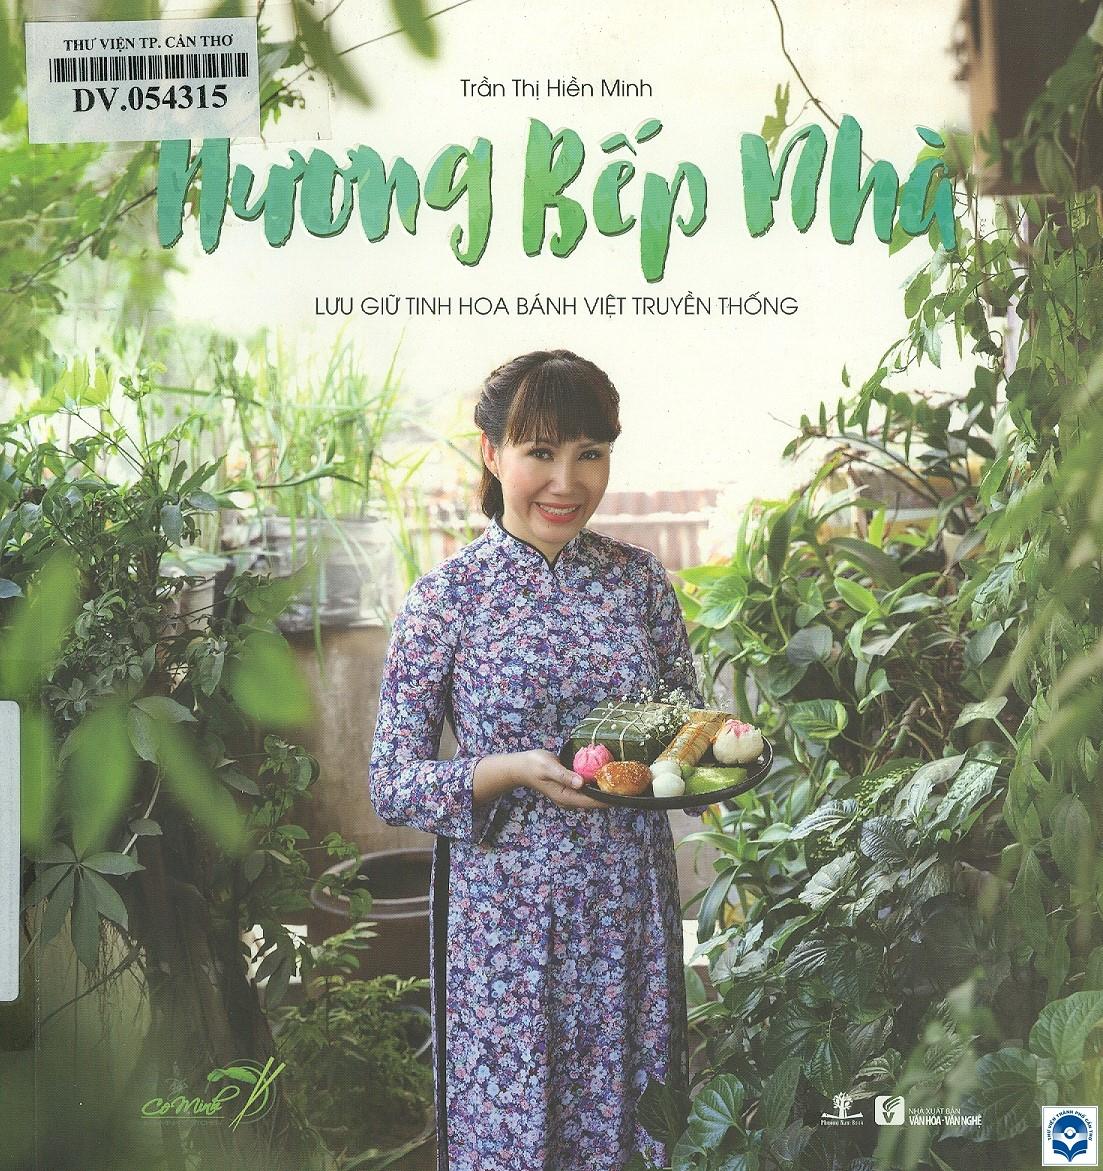 Hương bếp nhà - Lưu giữ tinh hoa bánh Việt truyền thống